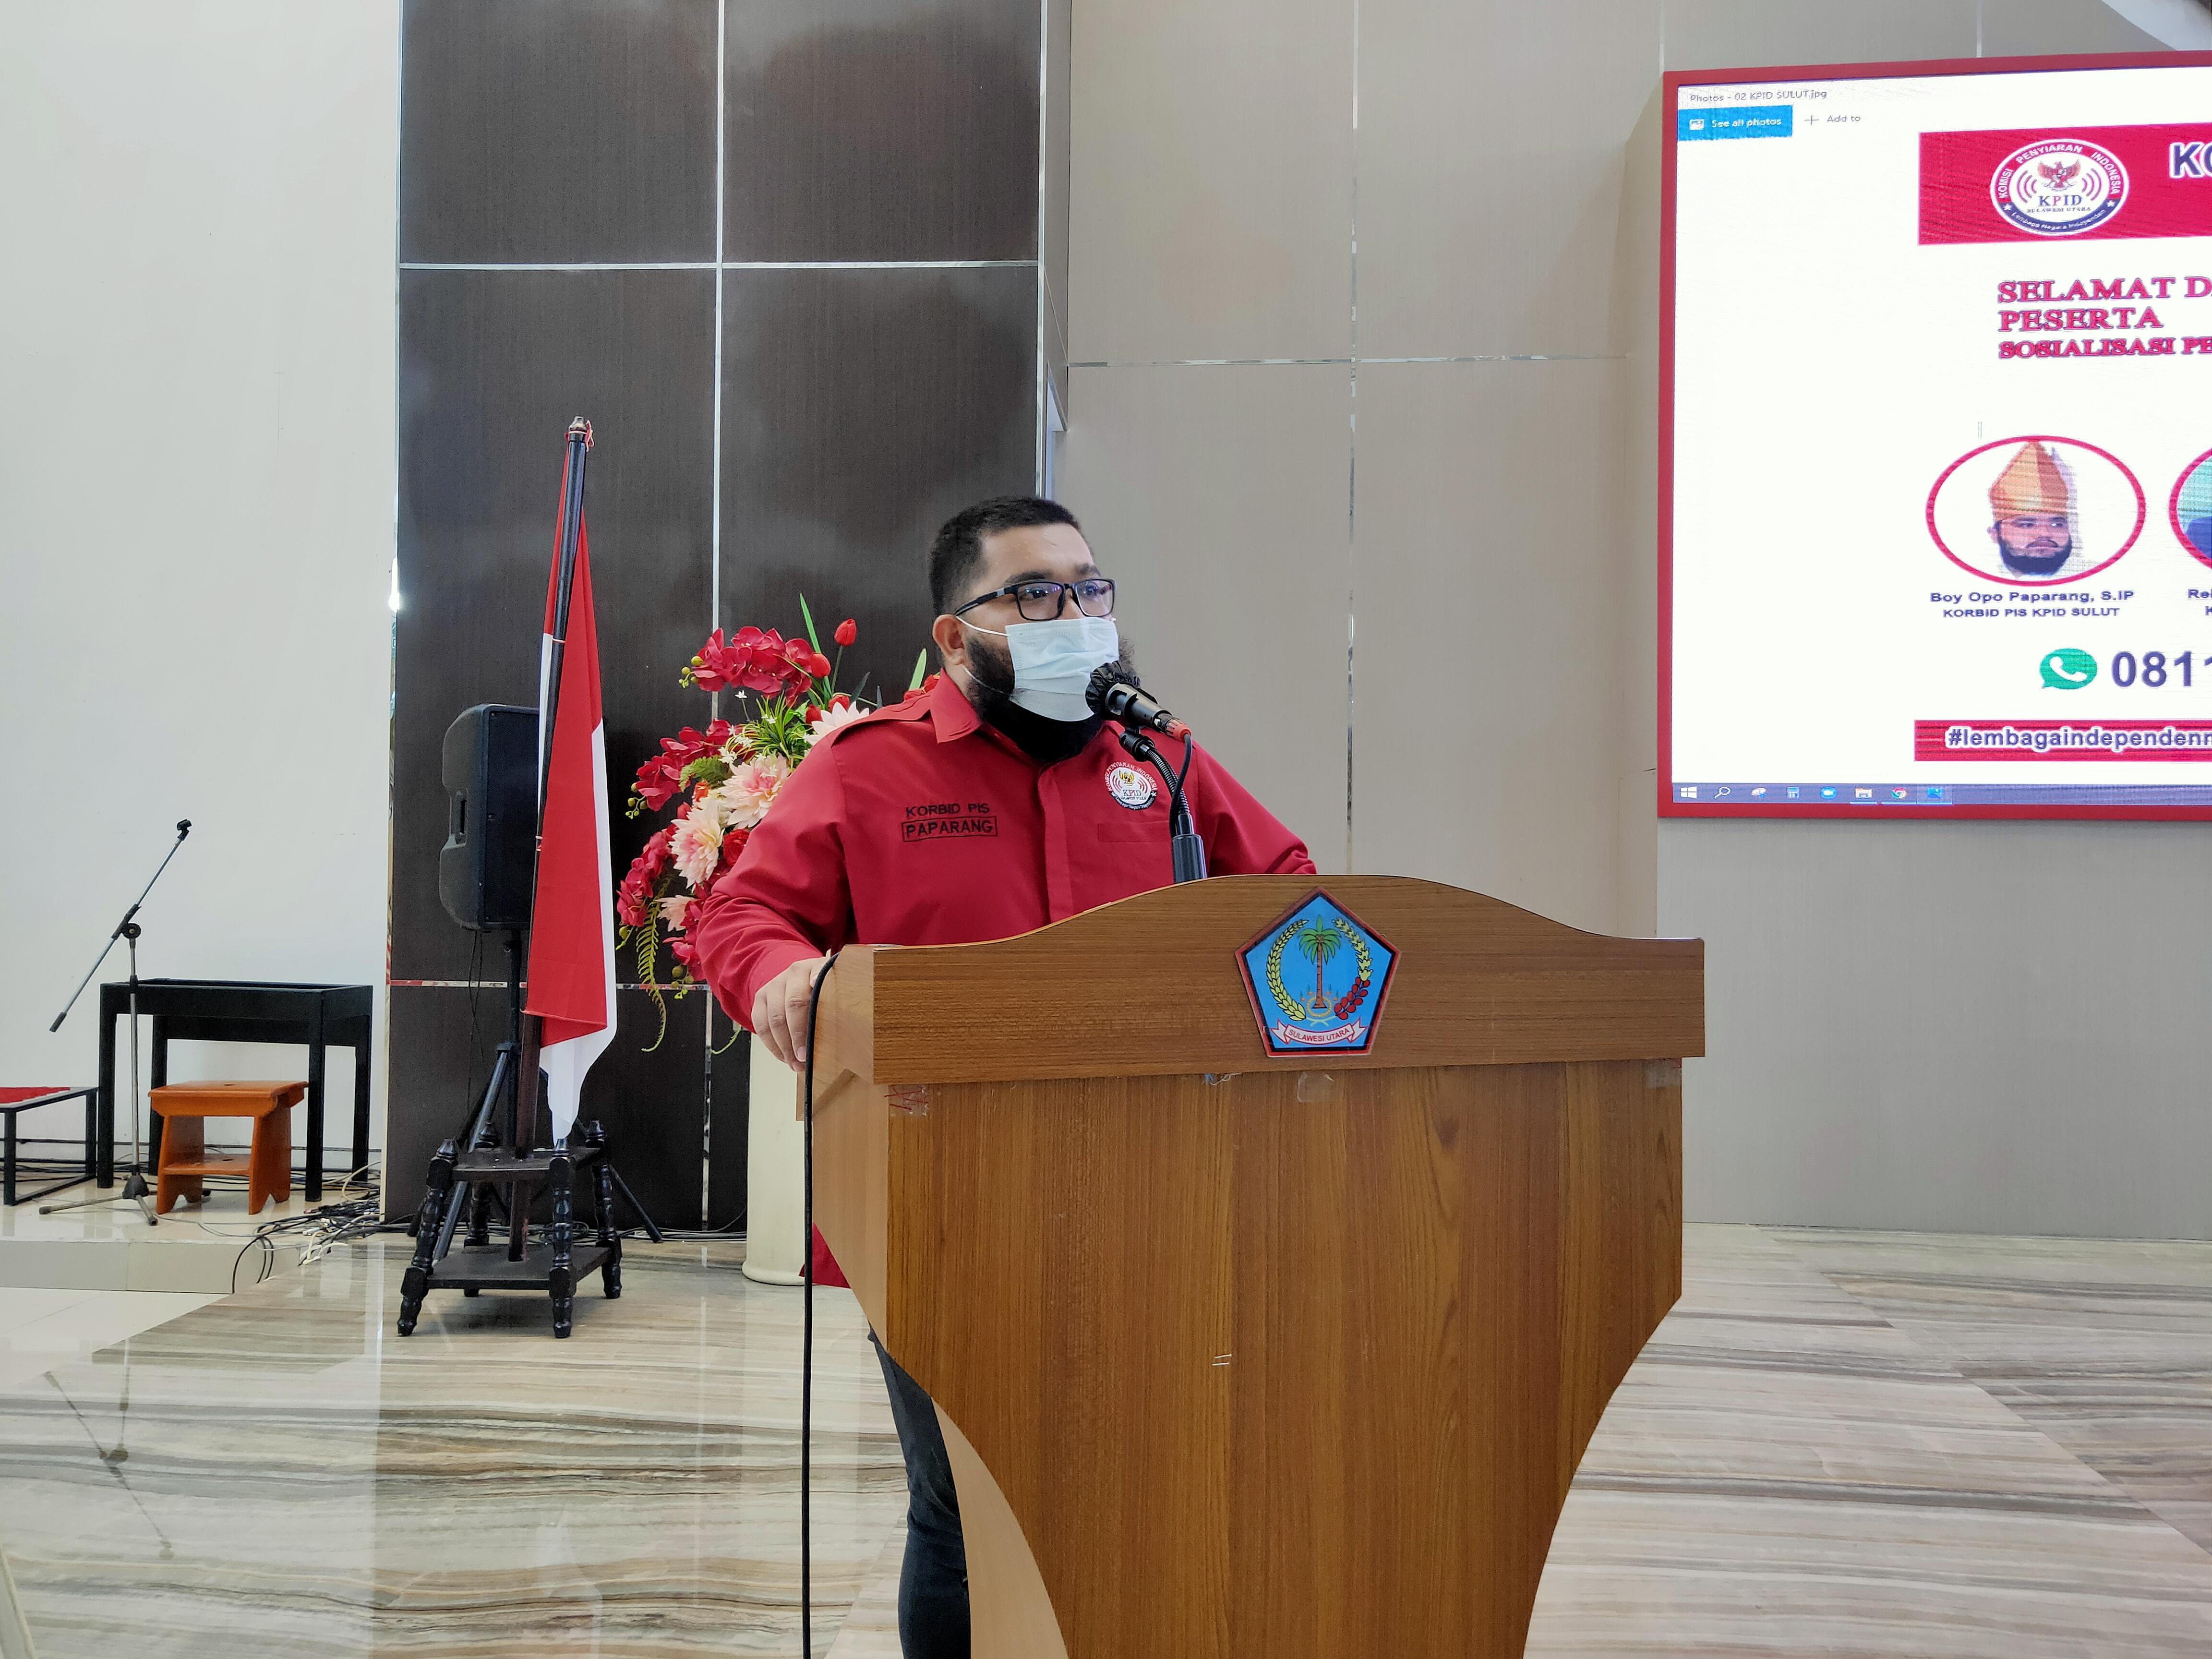 MANADO - Koordinator Bidang Pengawasan Isi Siaran, Boyke R. Paparang, S.IP